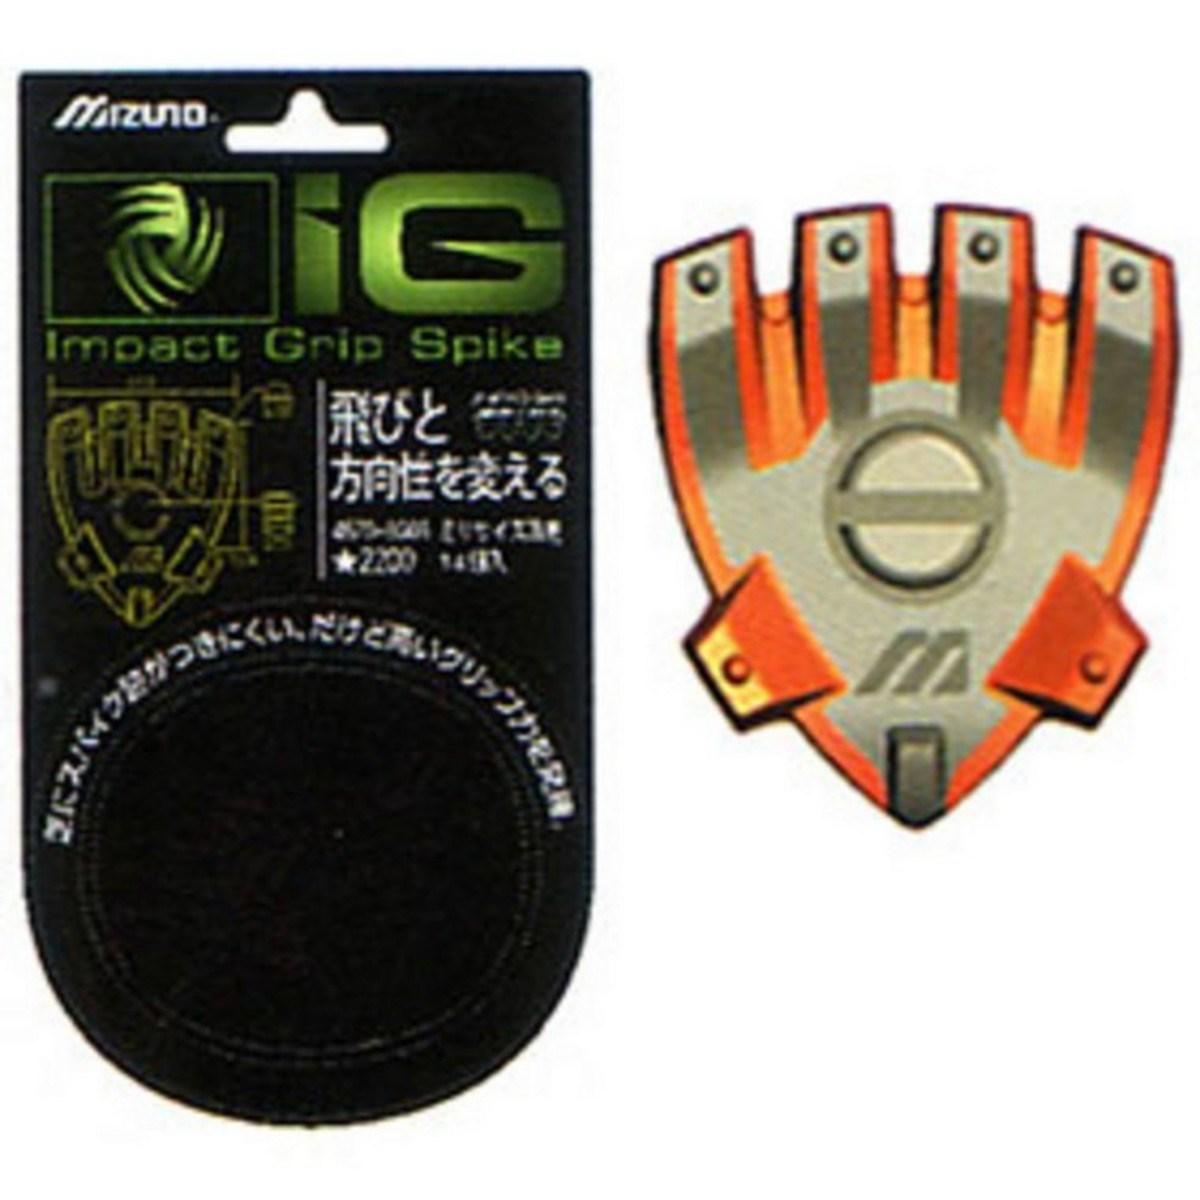 ミズノ(MIZUNO) IG スパイク 45ZD-5066 【ミリ】 (ミズノIGシステム専用スパイク)